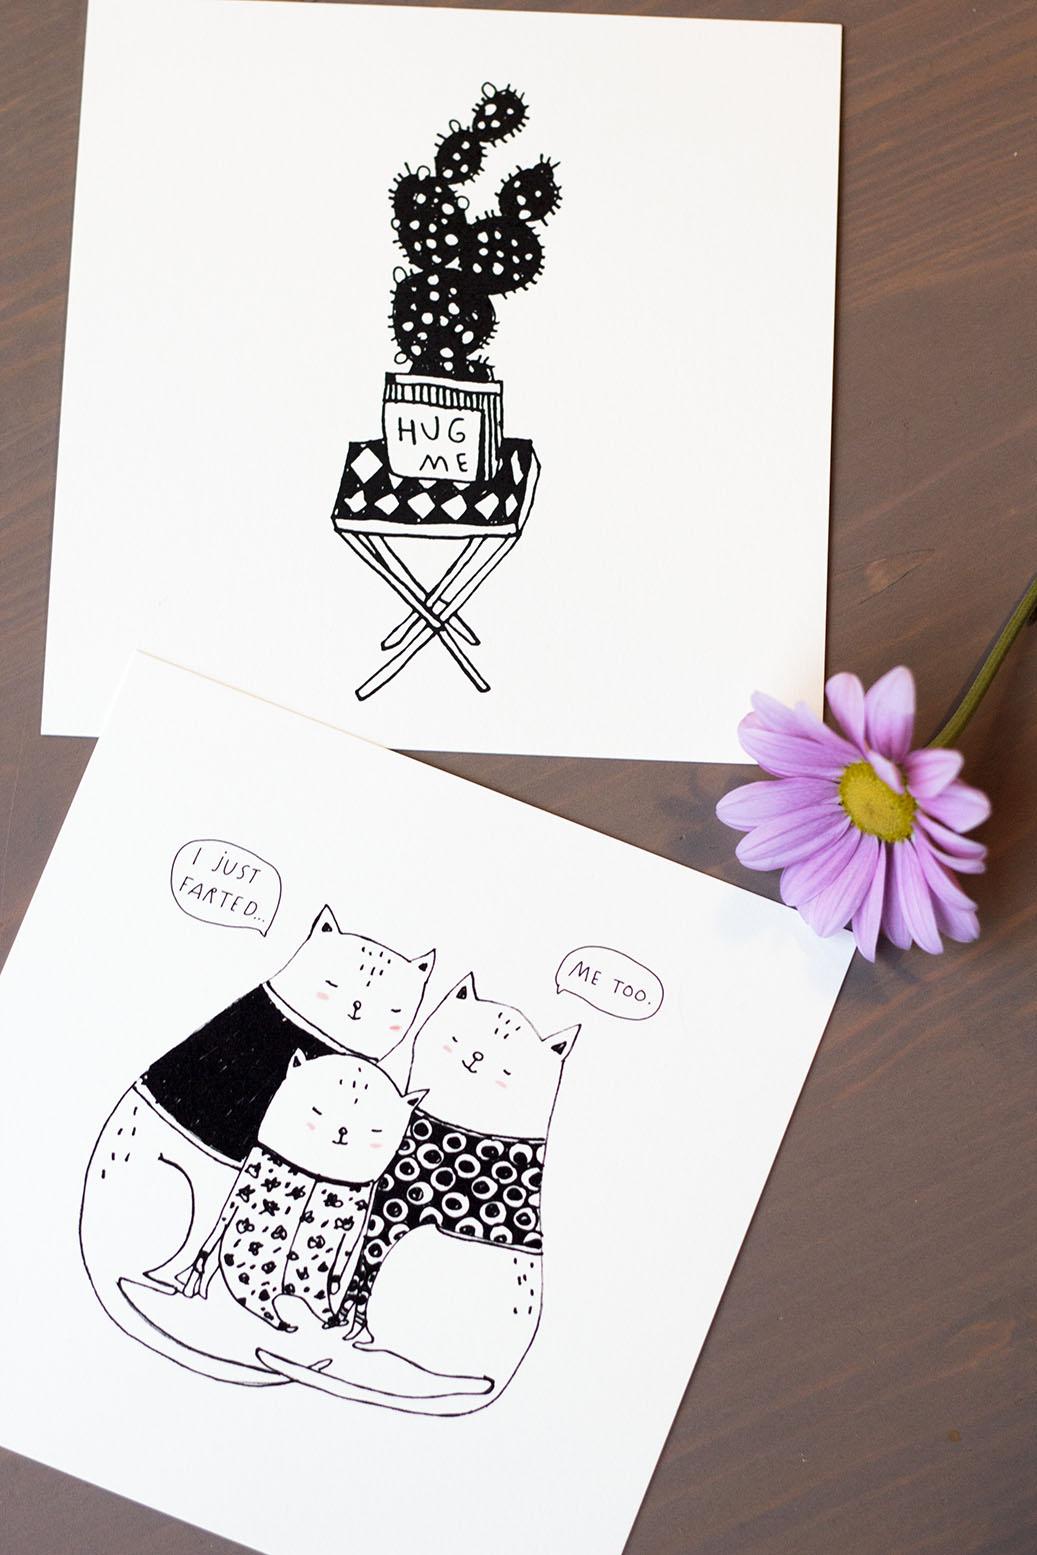 Majasbok cacto ilustração e família de gatos